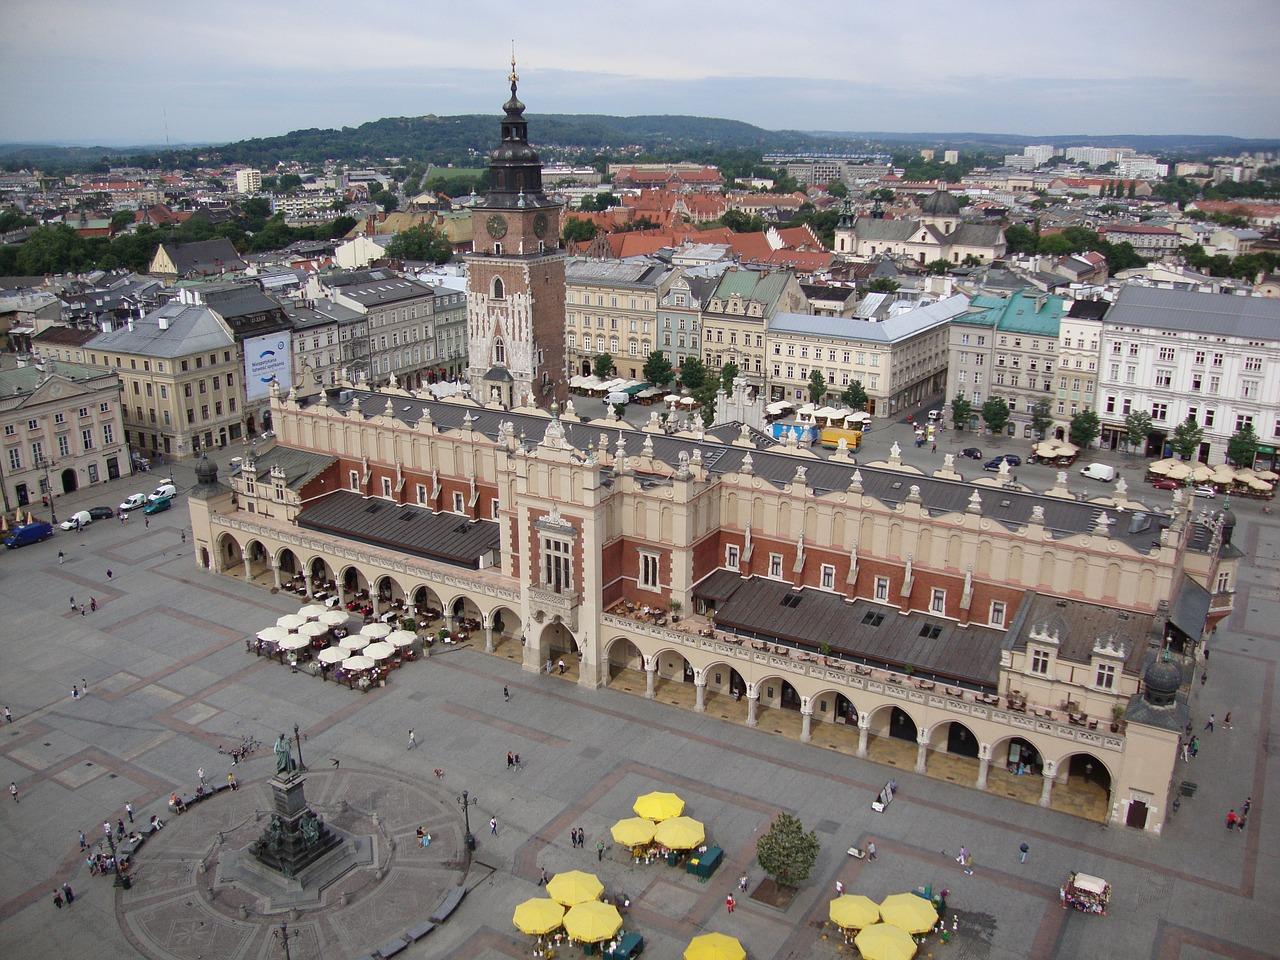 Ferie Kraków 2018 - nie będziecie się nudzić